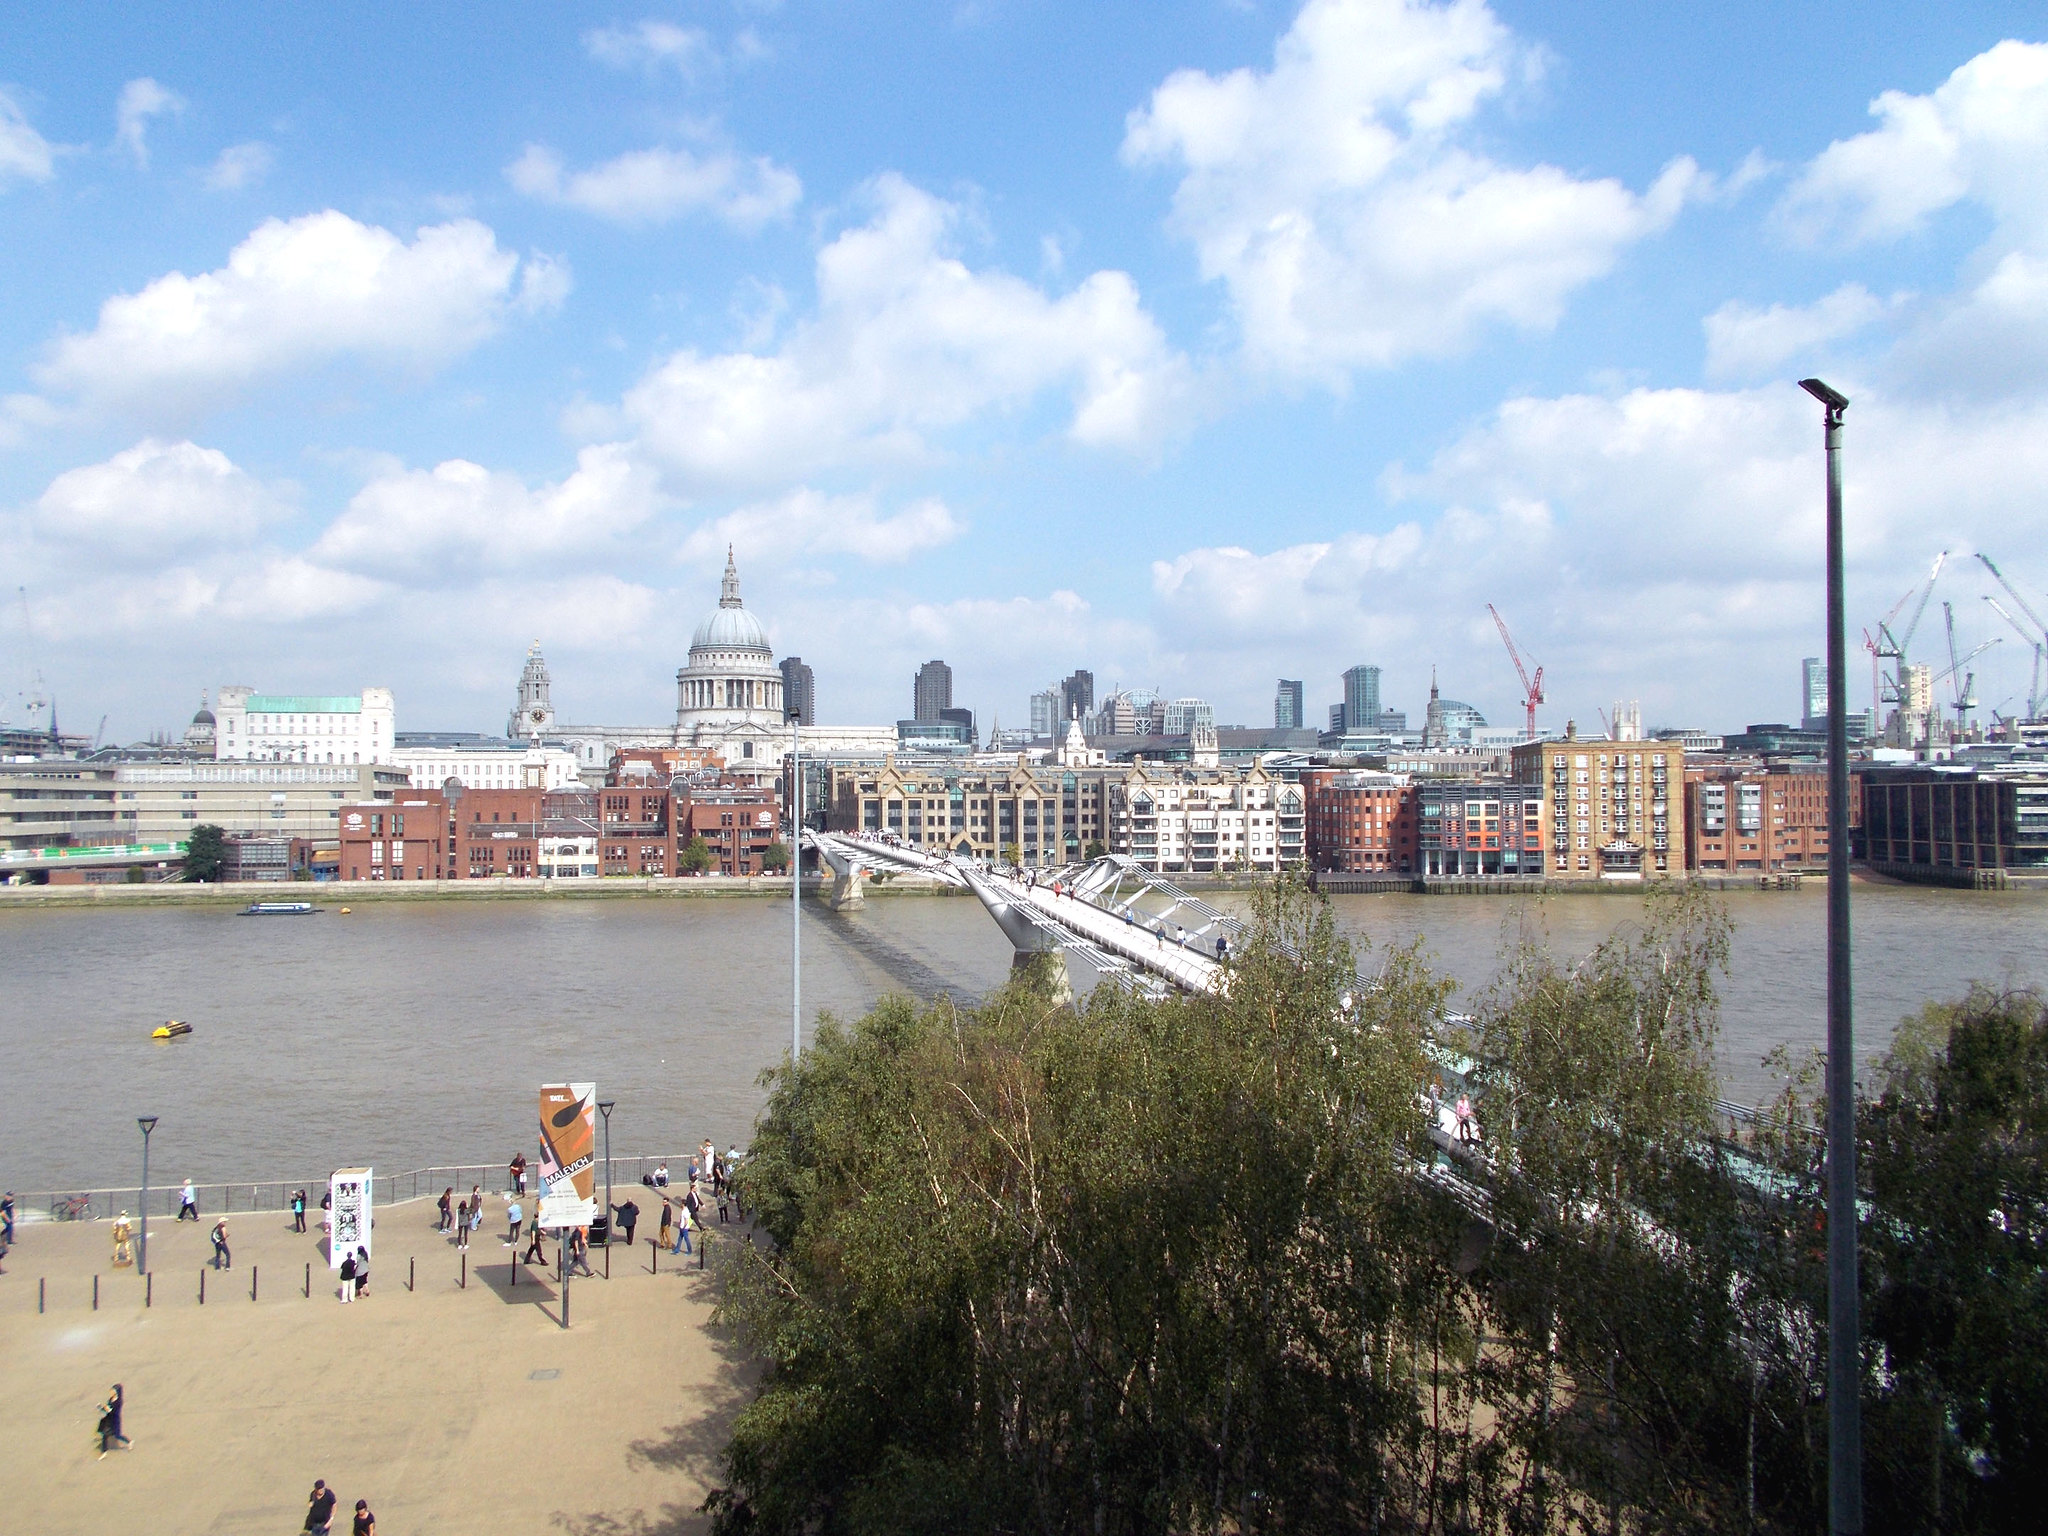 LONDON 1283